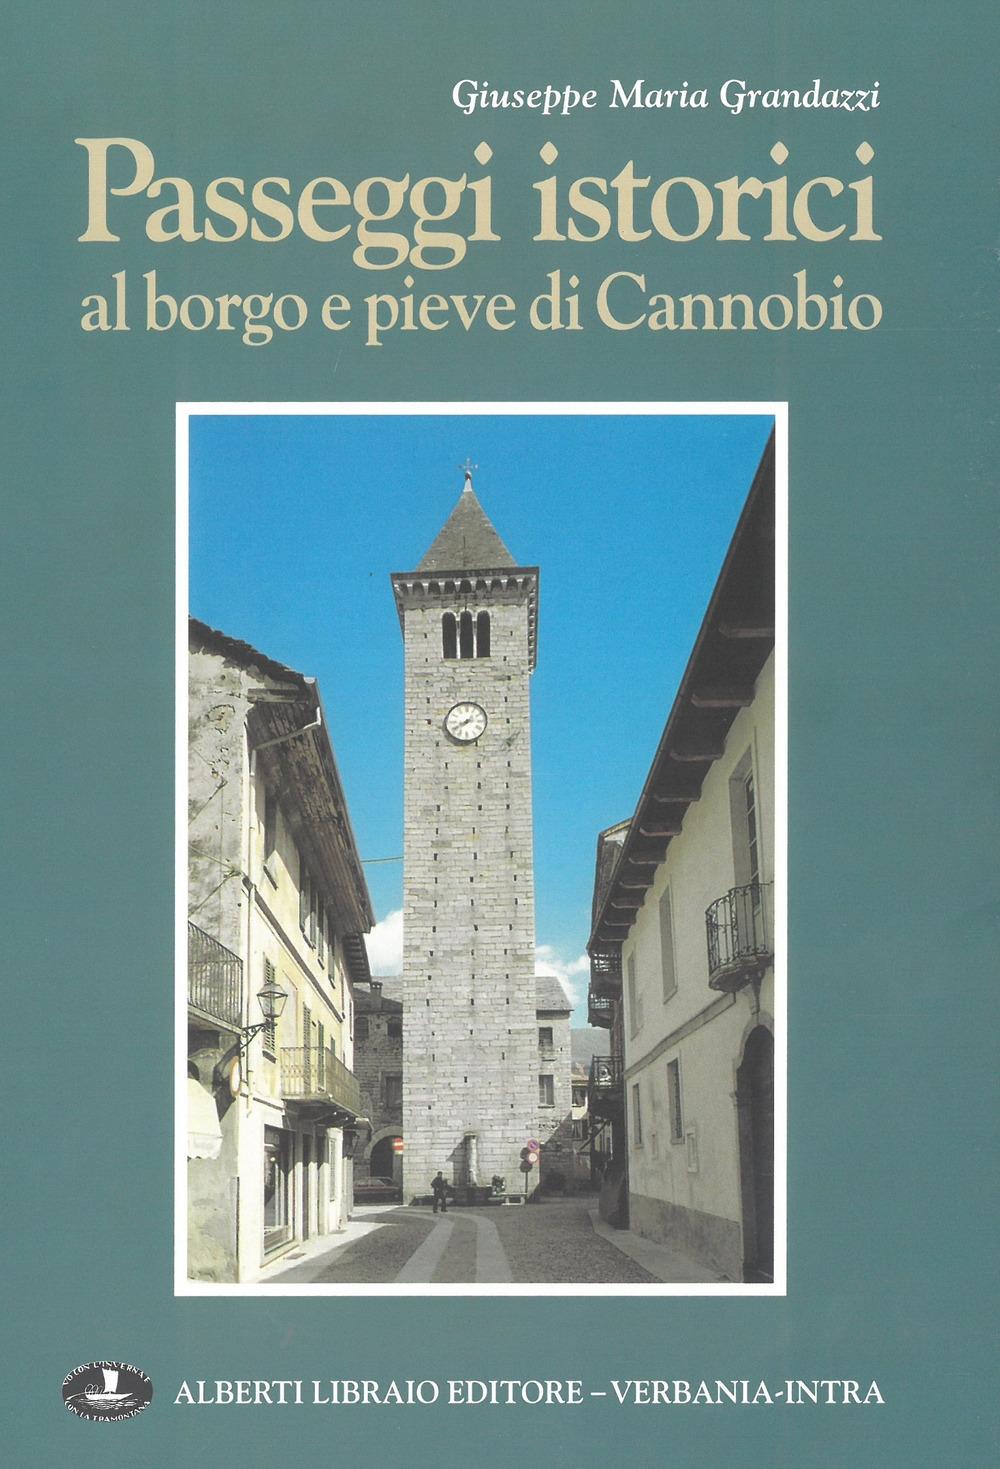 Passeggi istorici al borgo e pieve di Cannobio